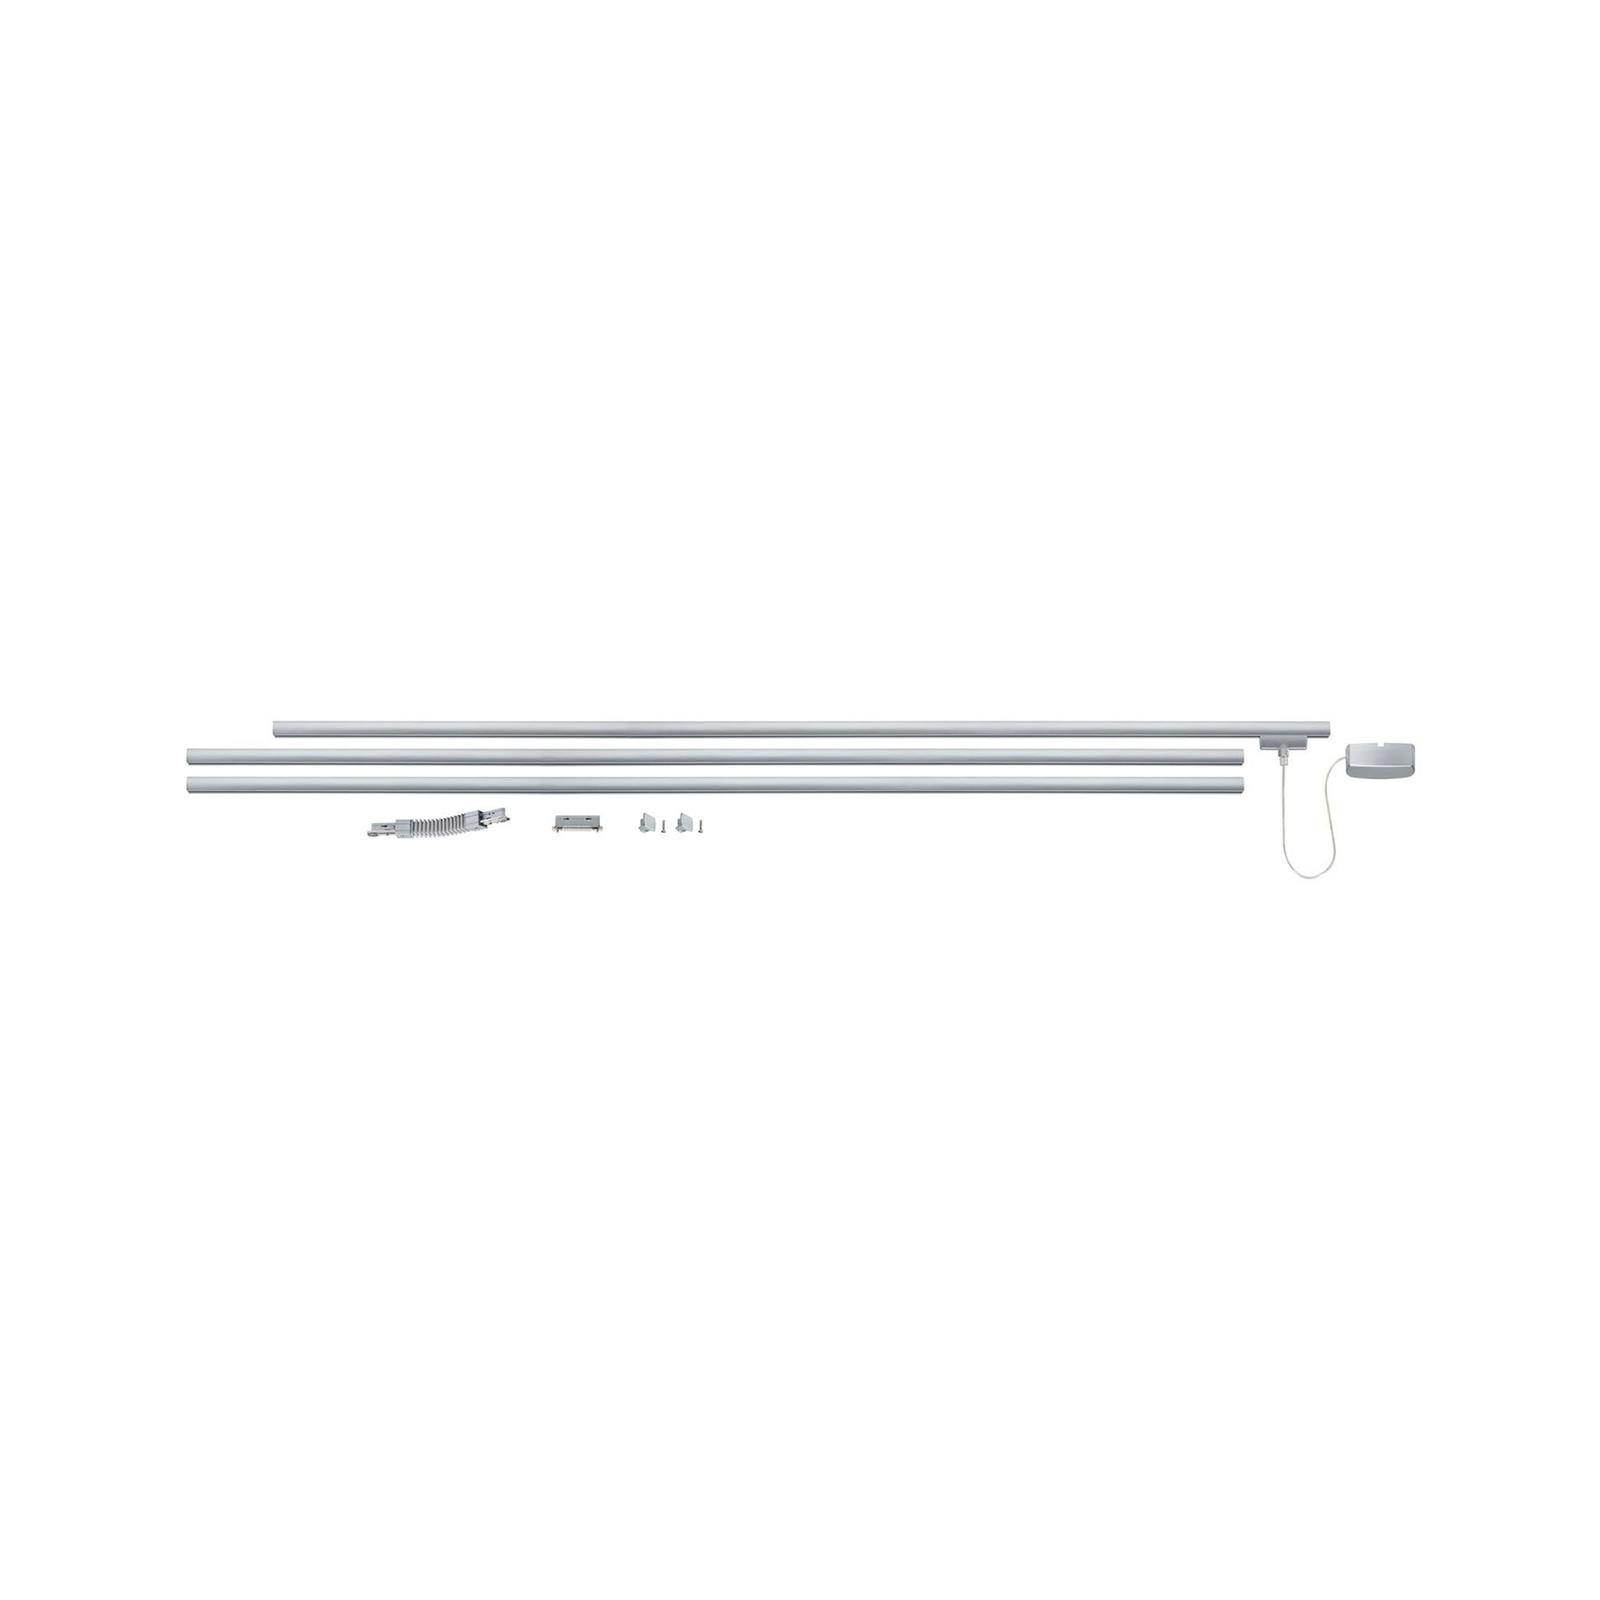 Paulmann URail Basissystem Zubehör-Set, chrom